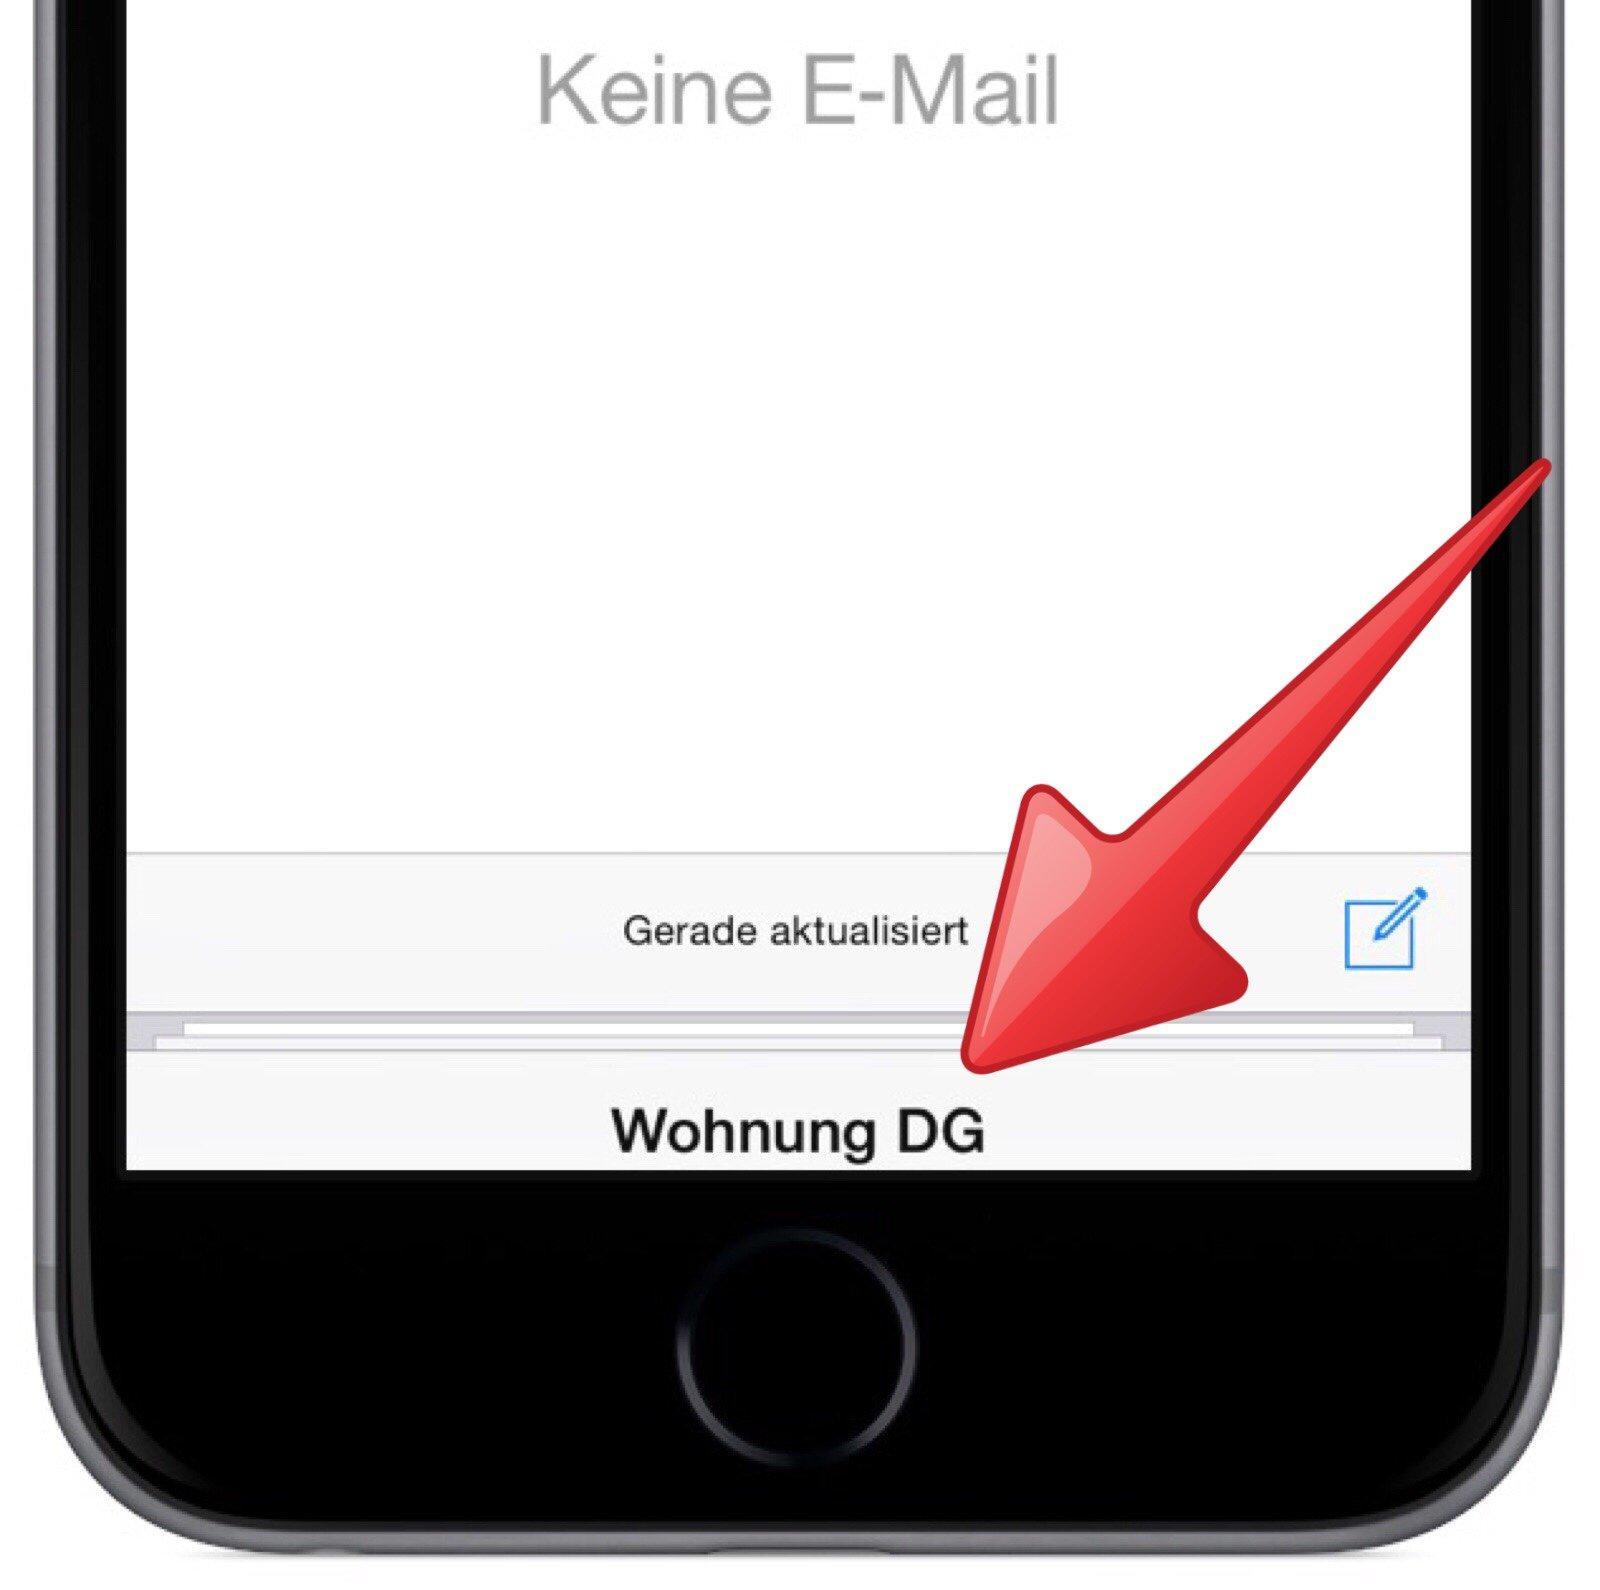 iPhone-gleichzeitig-mehrere-Mail-wechseln-Multitasking-2.jpg